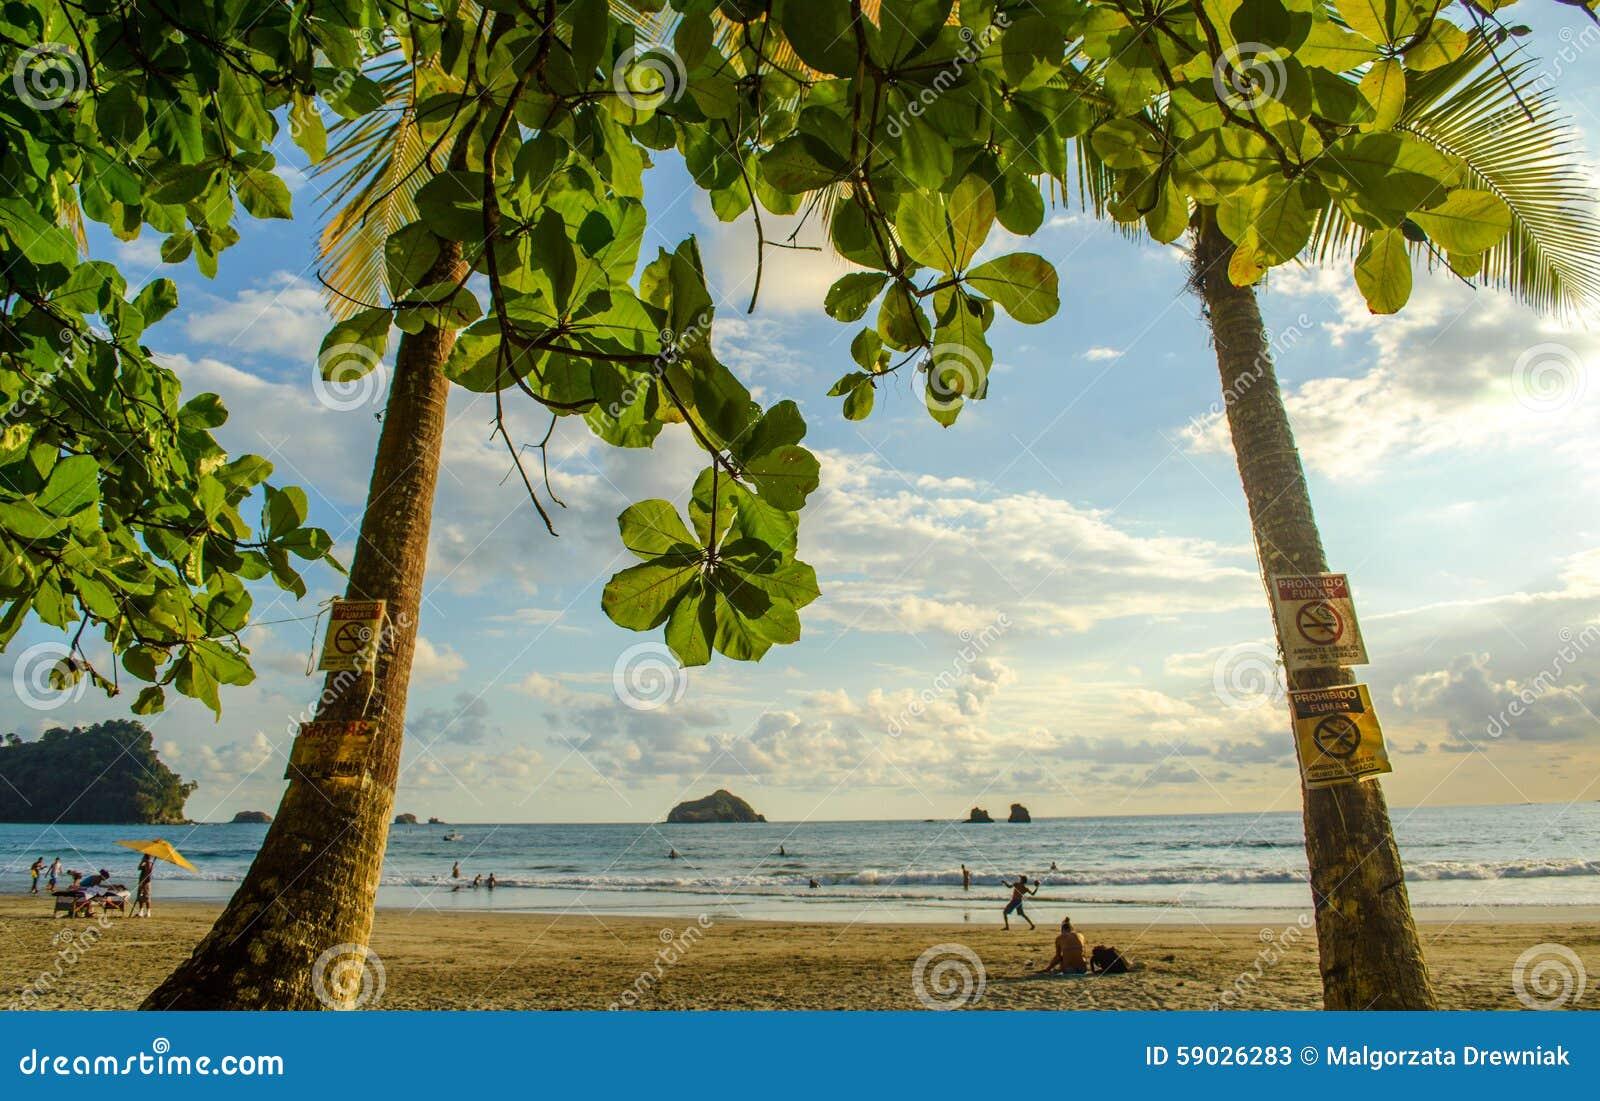 Het tropische strand van Manuel Antonio - Costa Rica